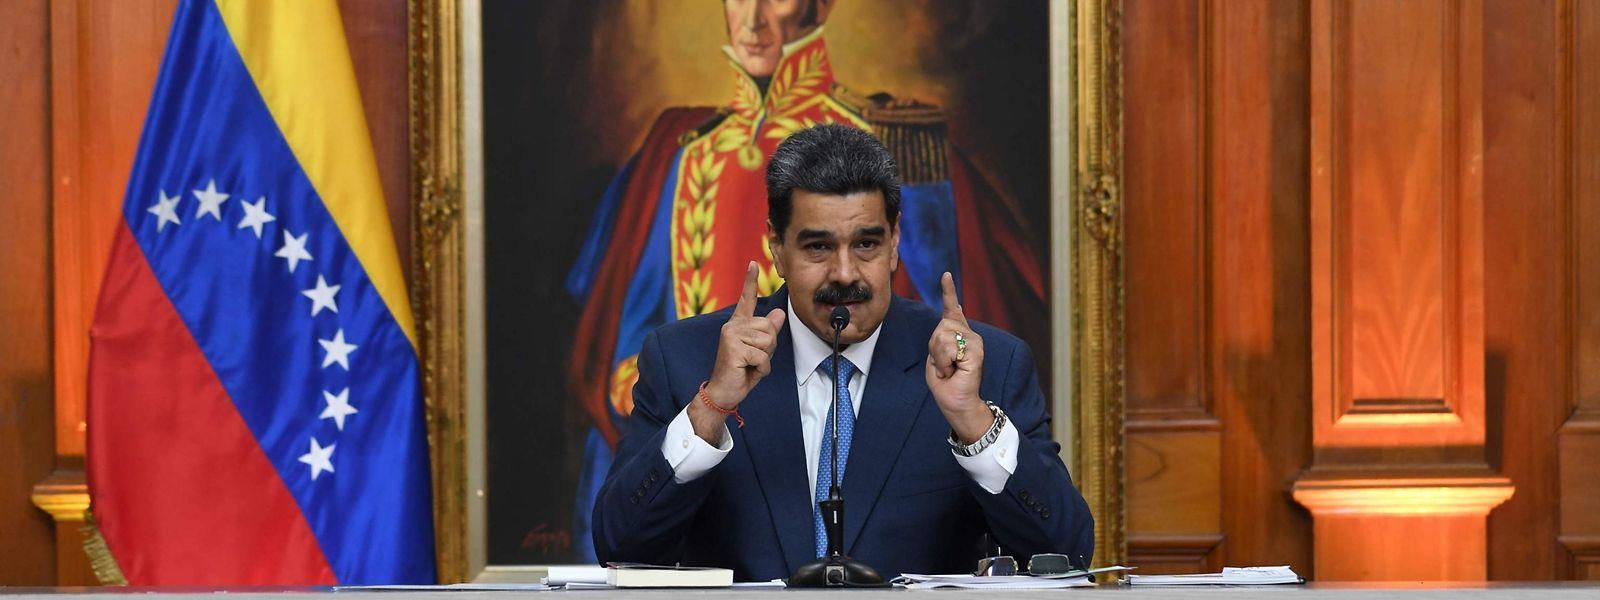 Der venezolanische Präsident Nicolás Maduro bei einer Pressekonferenz.